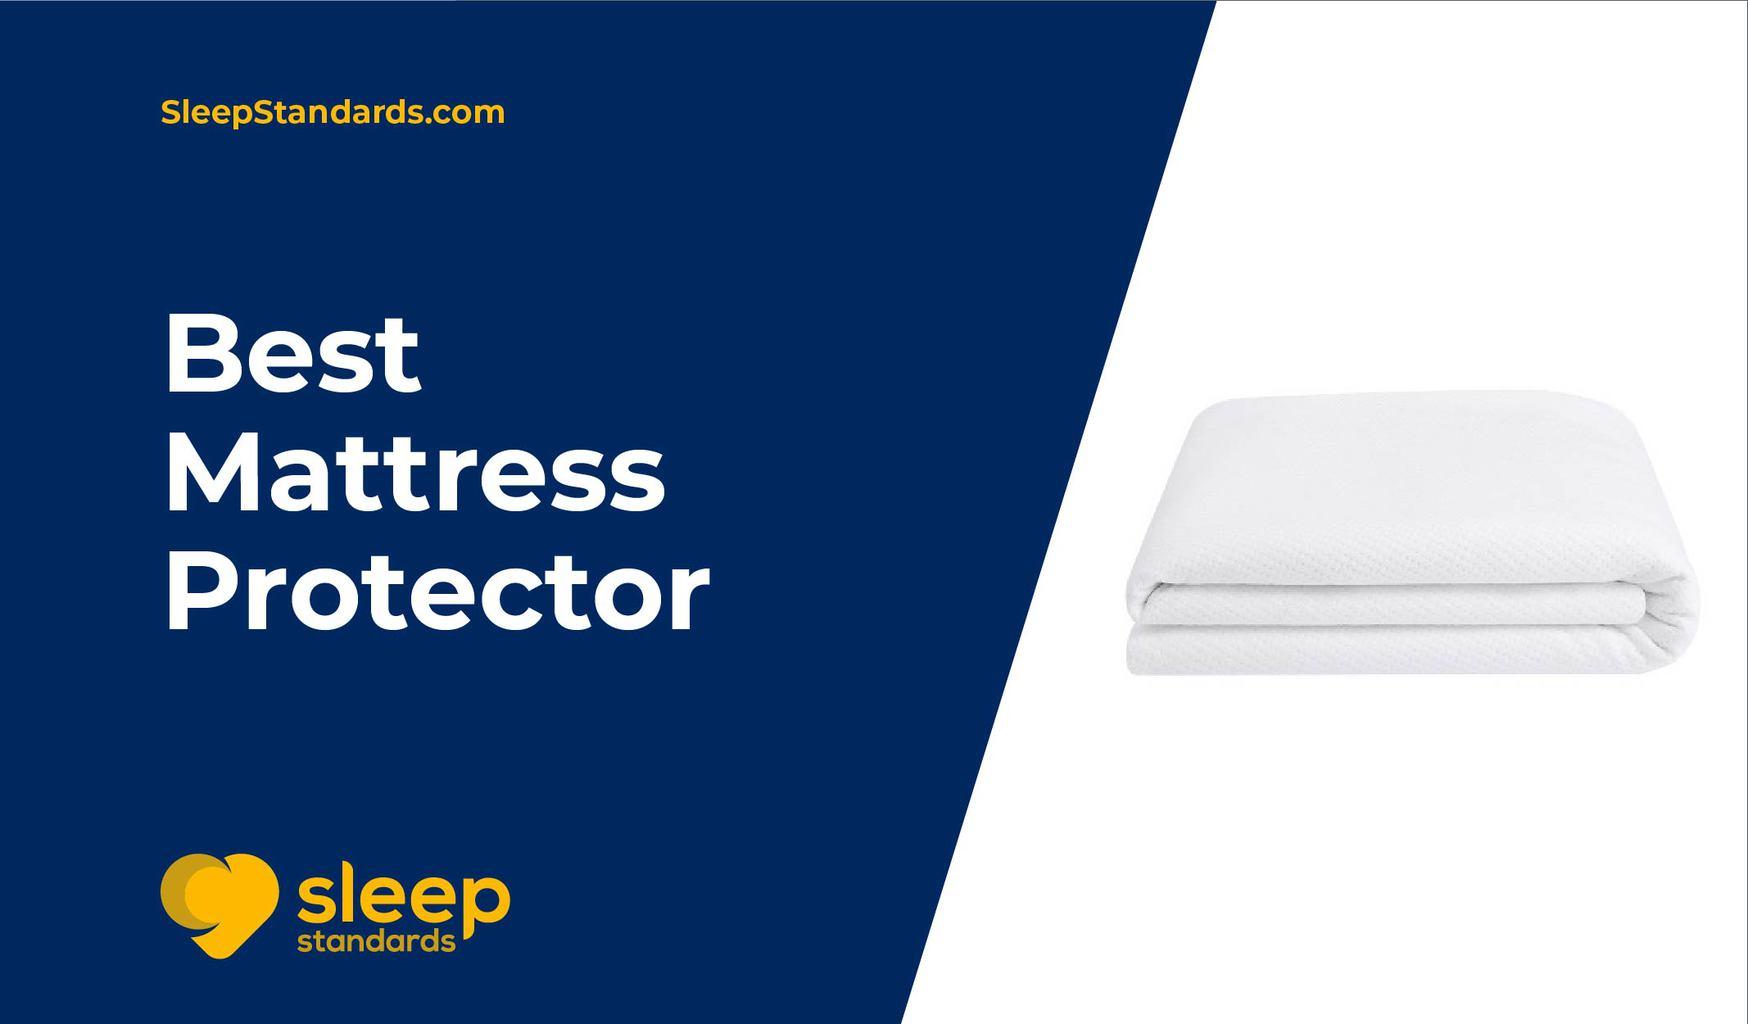 Best Mattress Protector